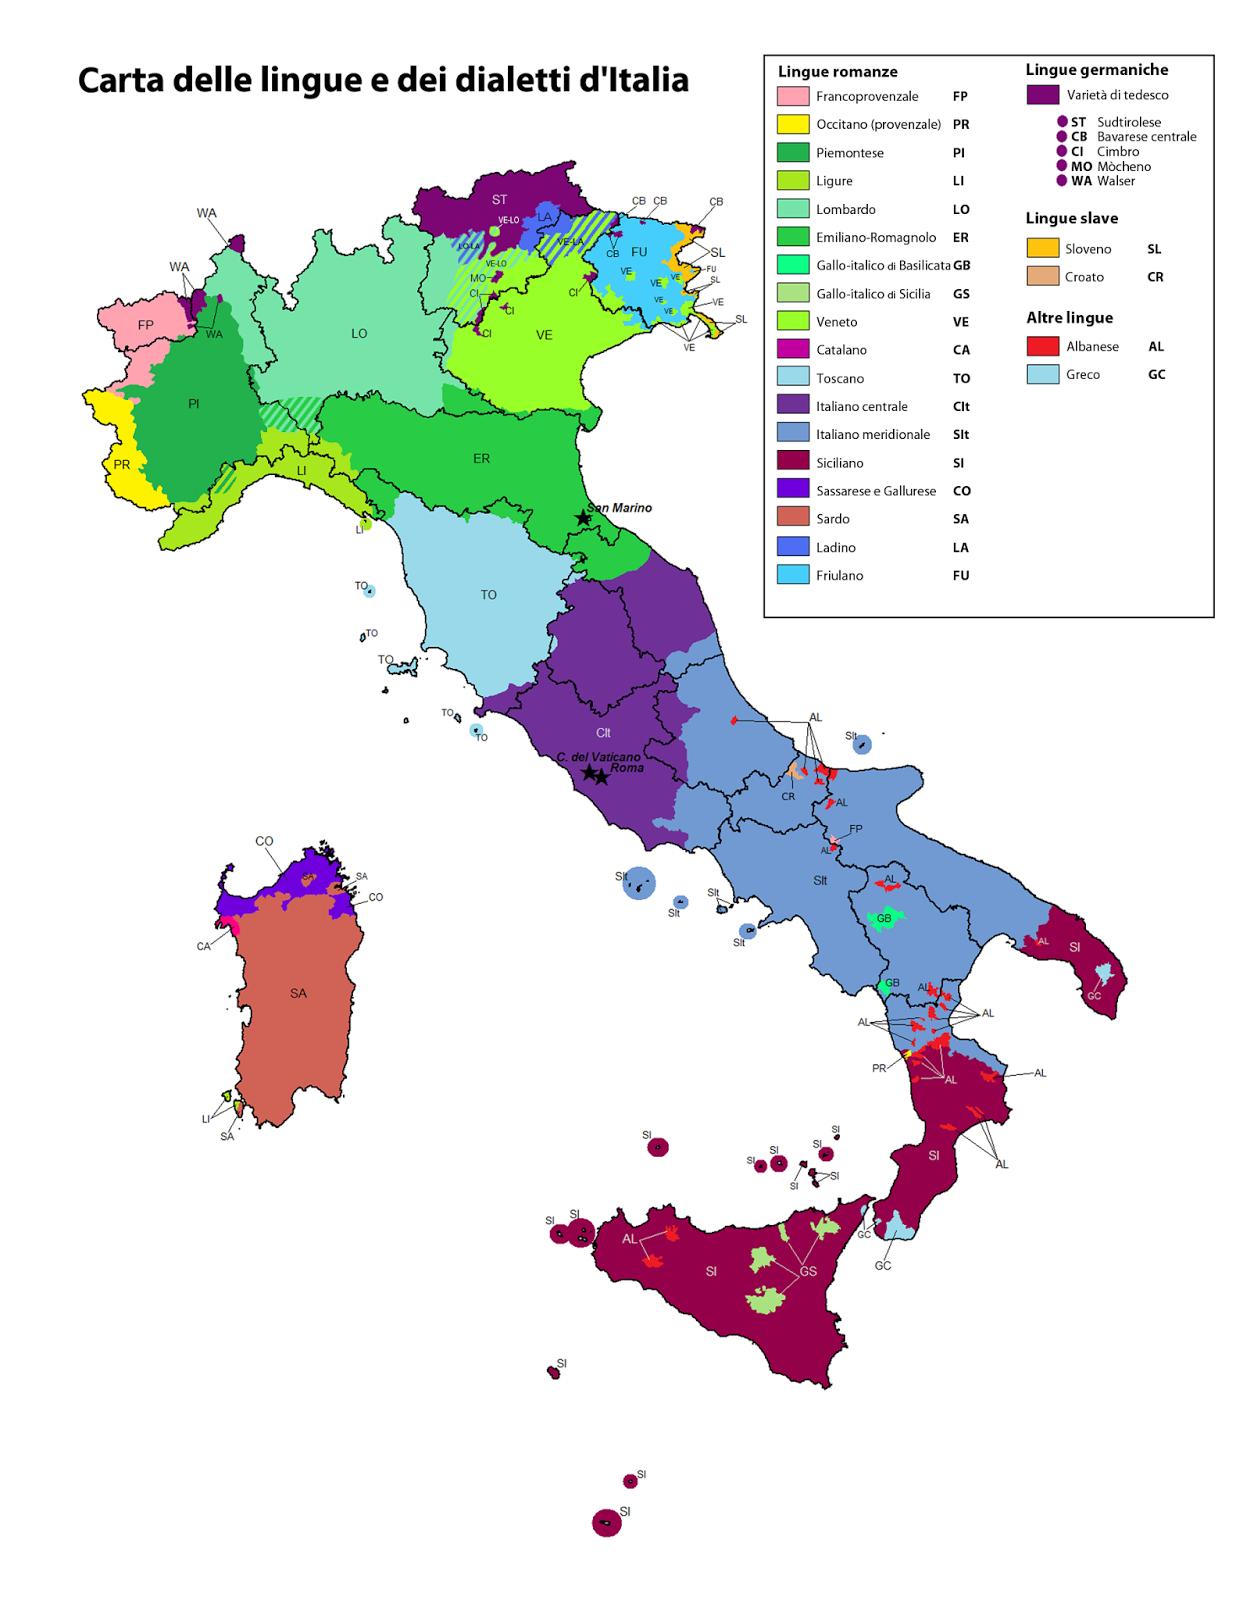 Isole linguistiche: un patrimonio da salvaguardare